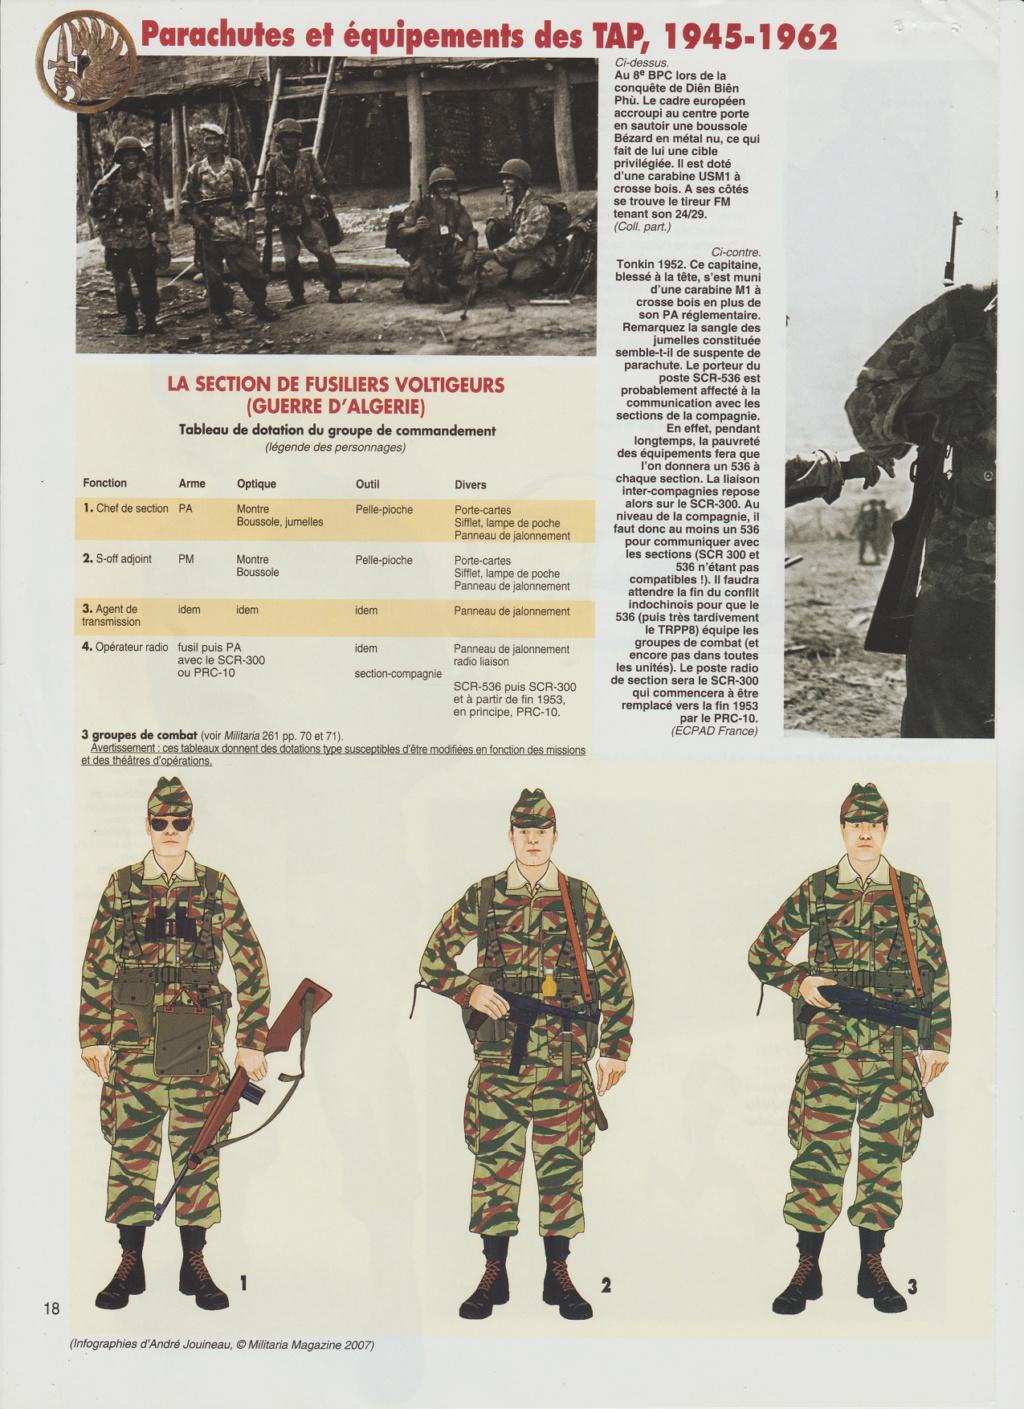 Equipements TAP-Parachutes et gaines E13